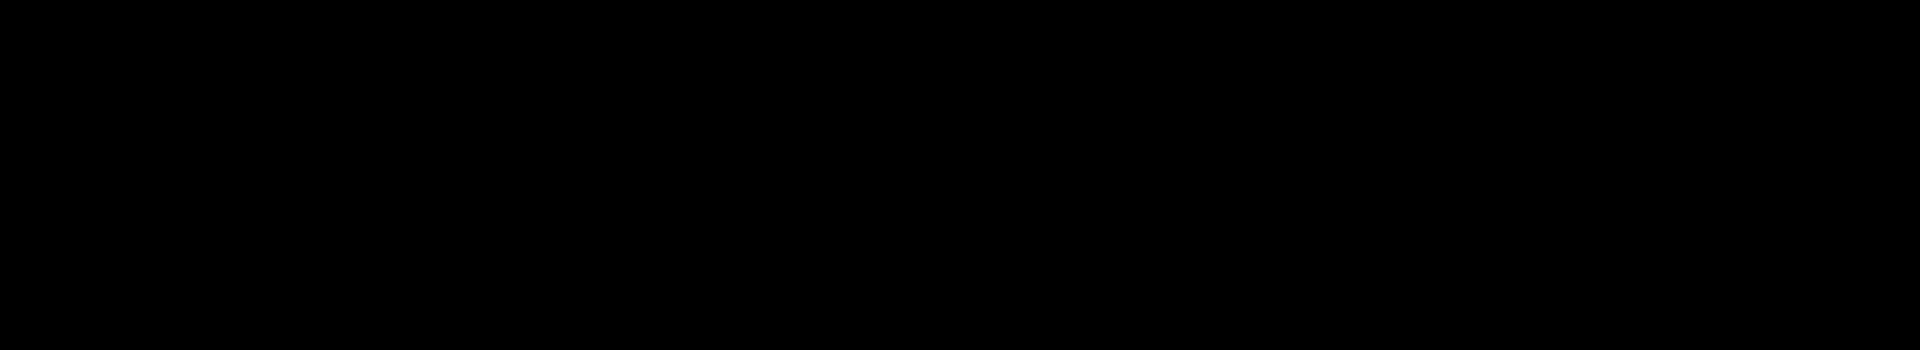 株式会社ケイスリー